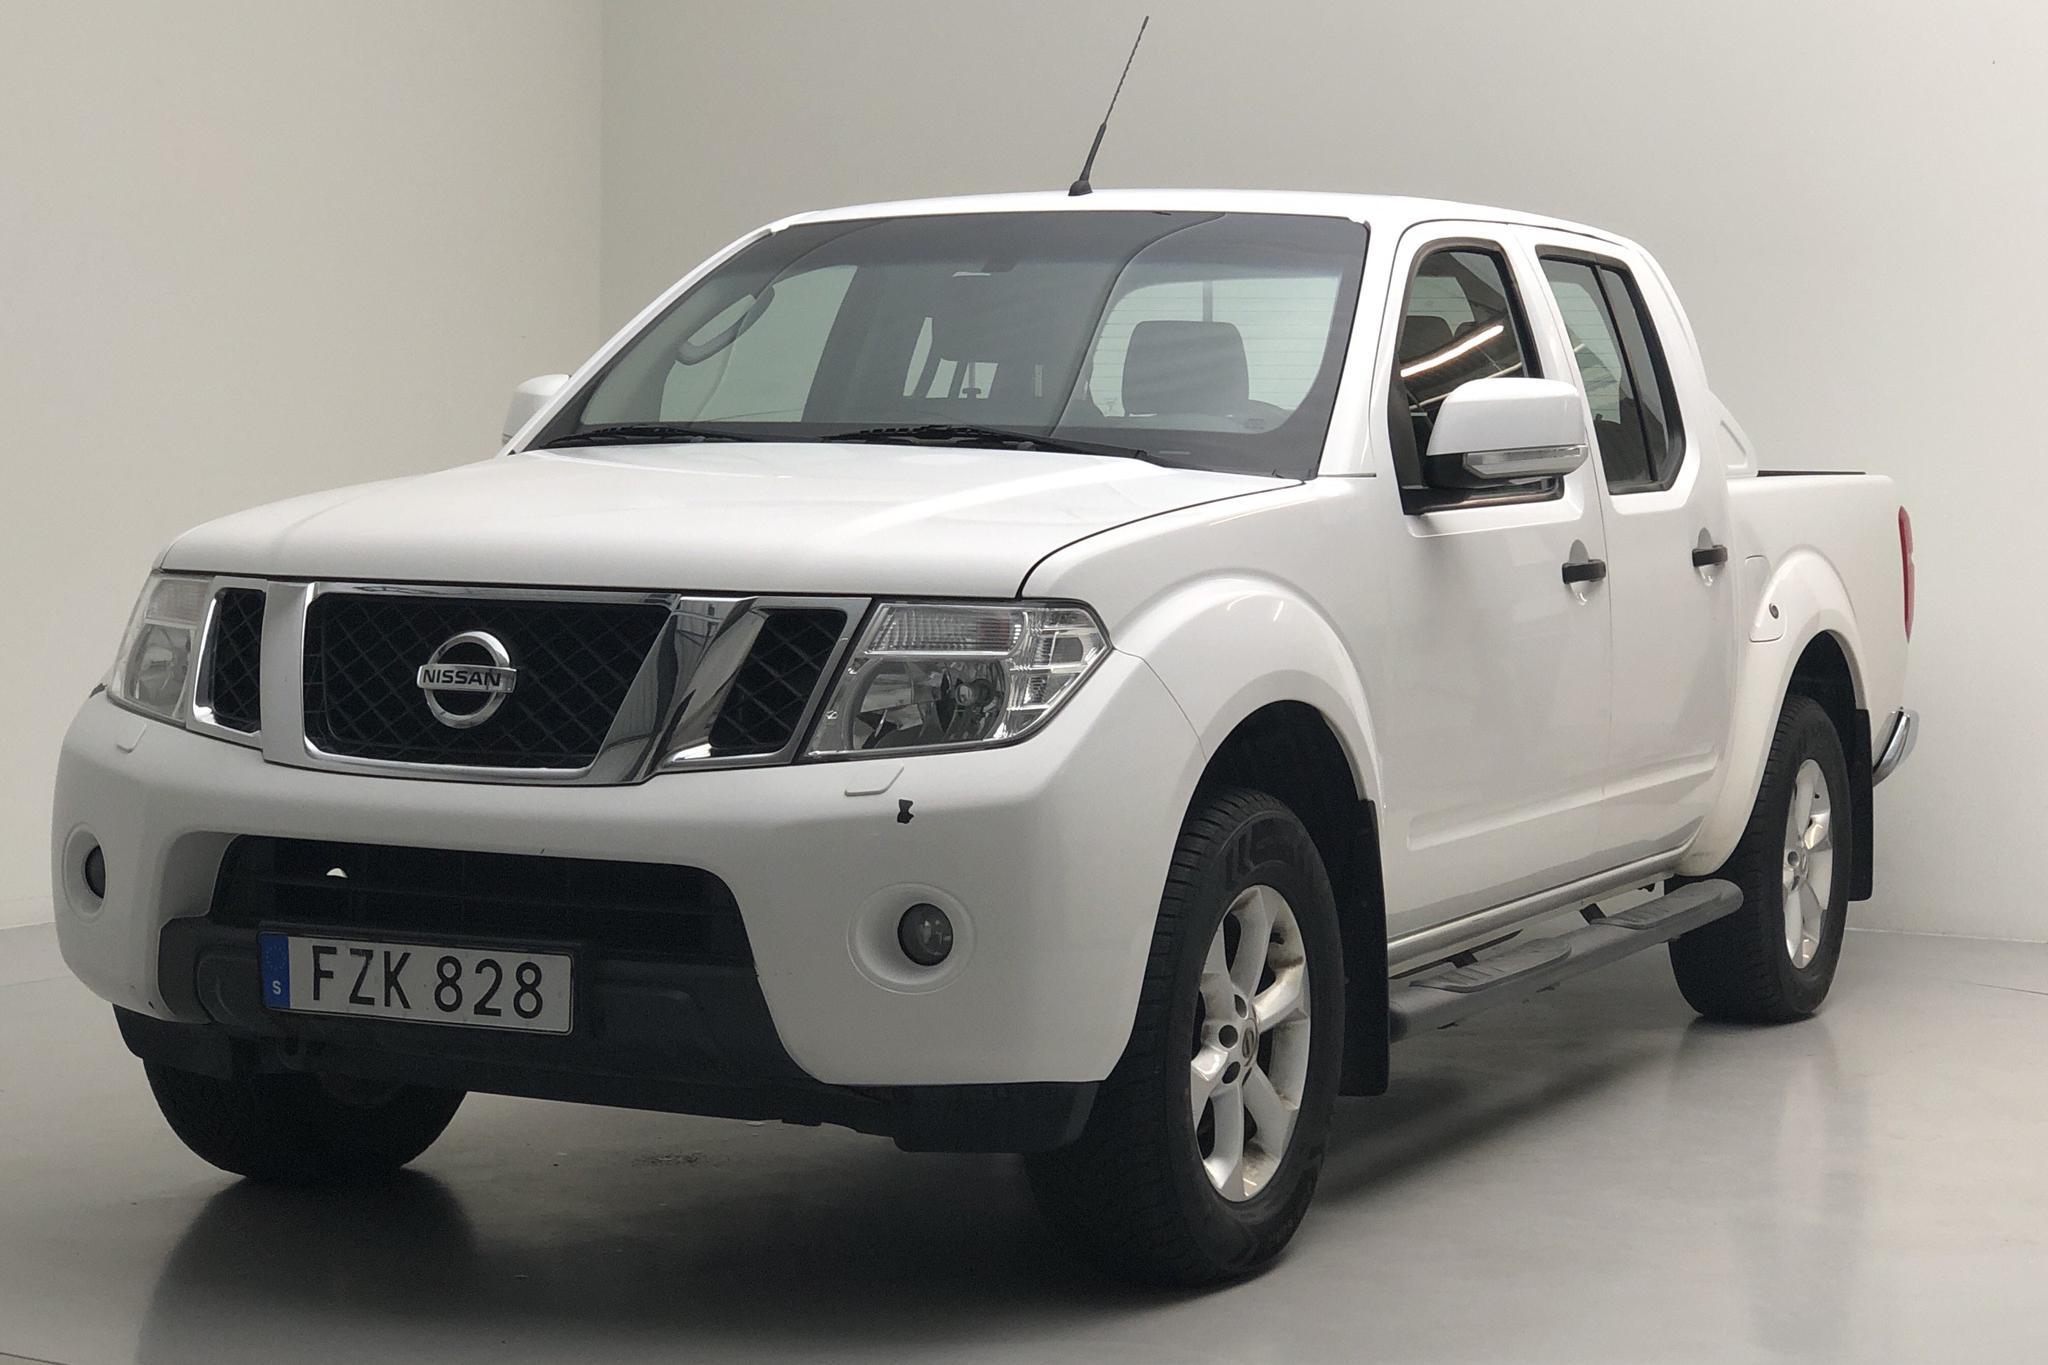 Nissan Navara 2.5 dCi (144hk)